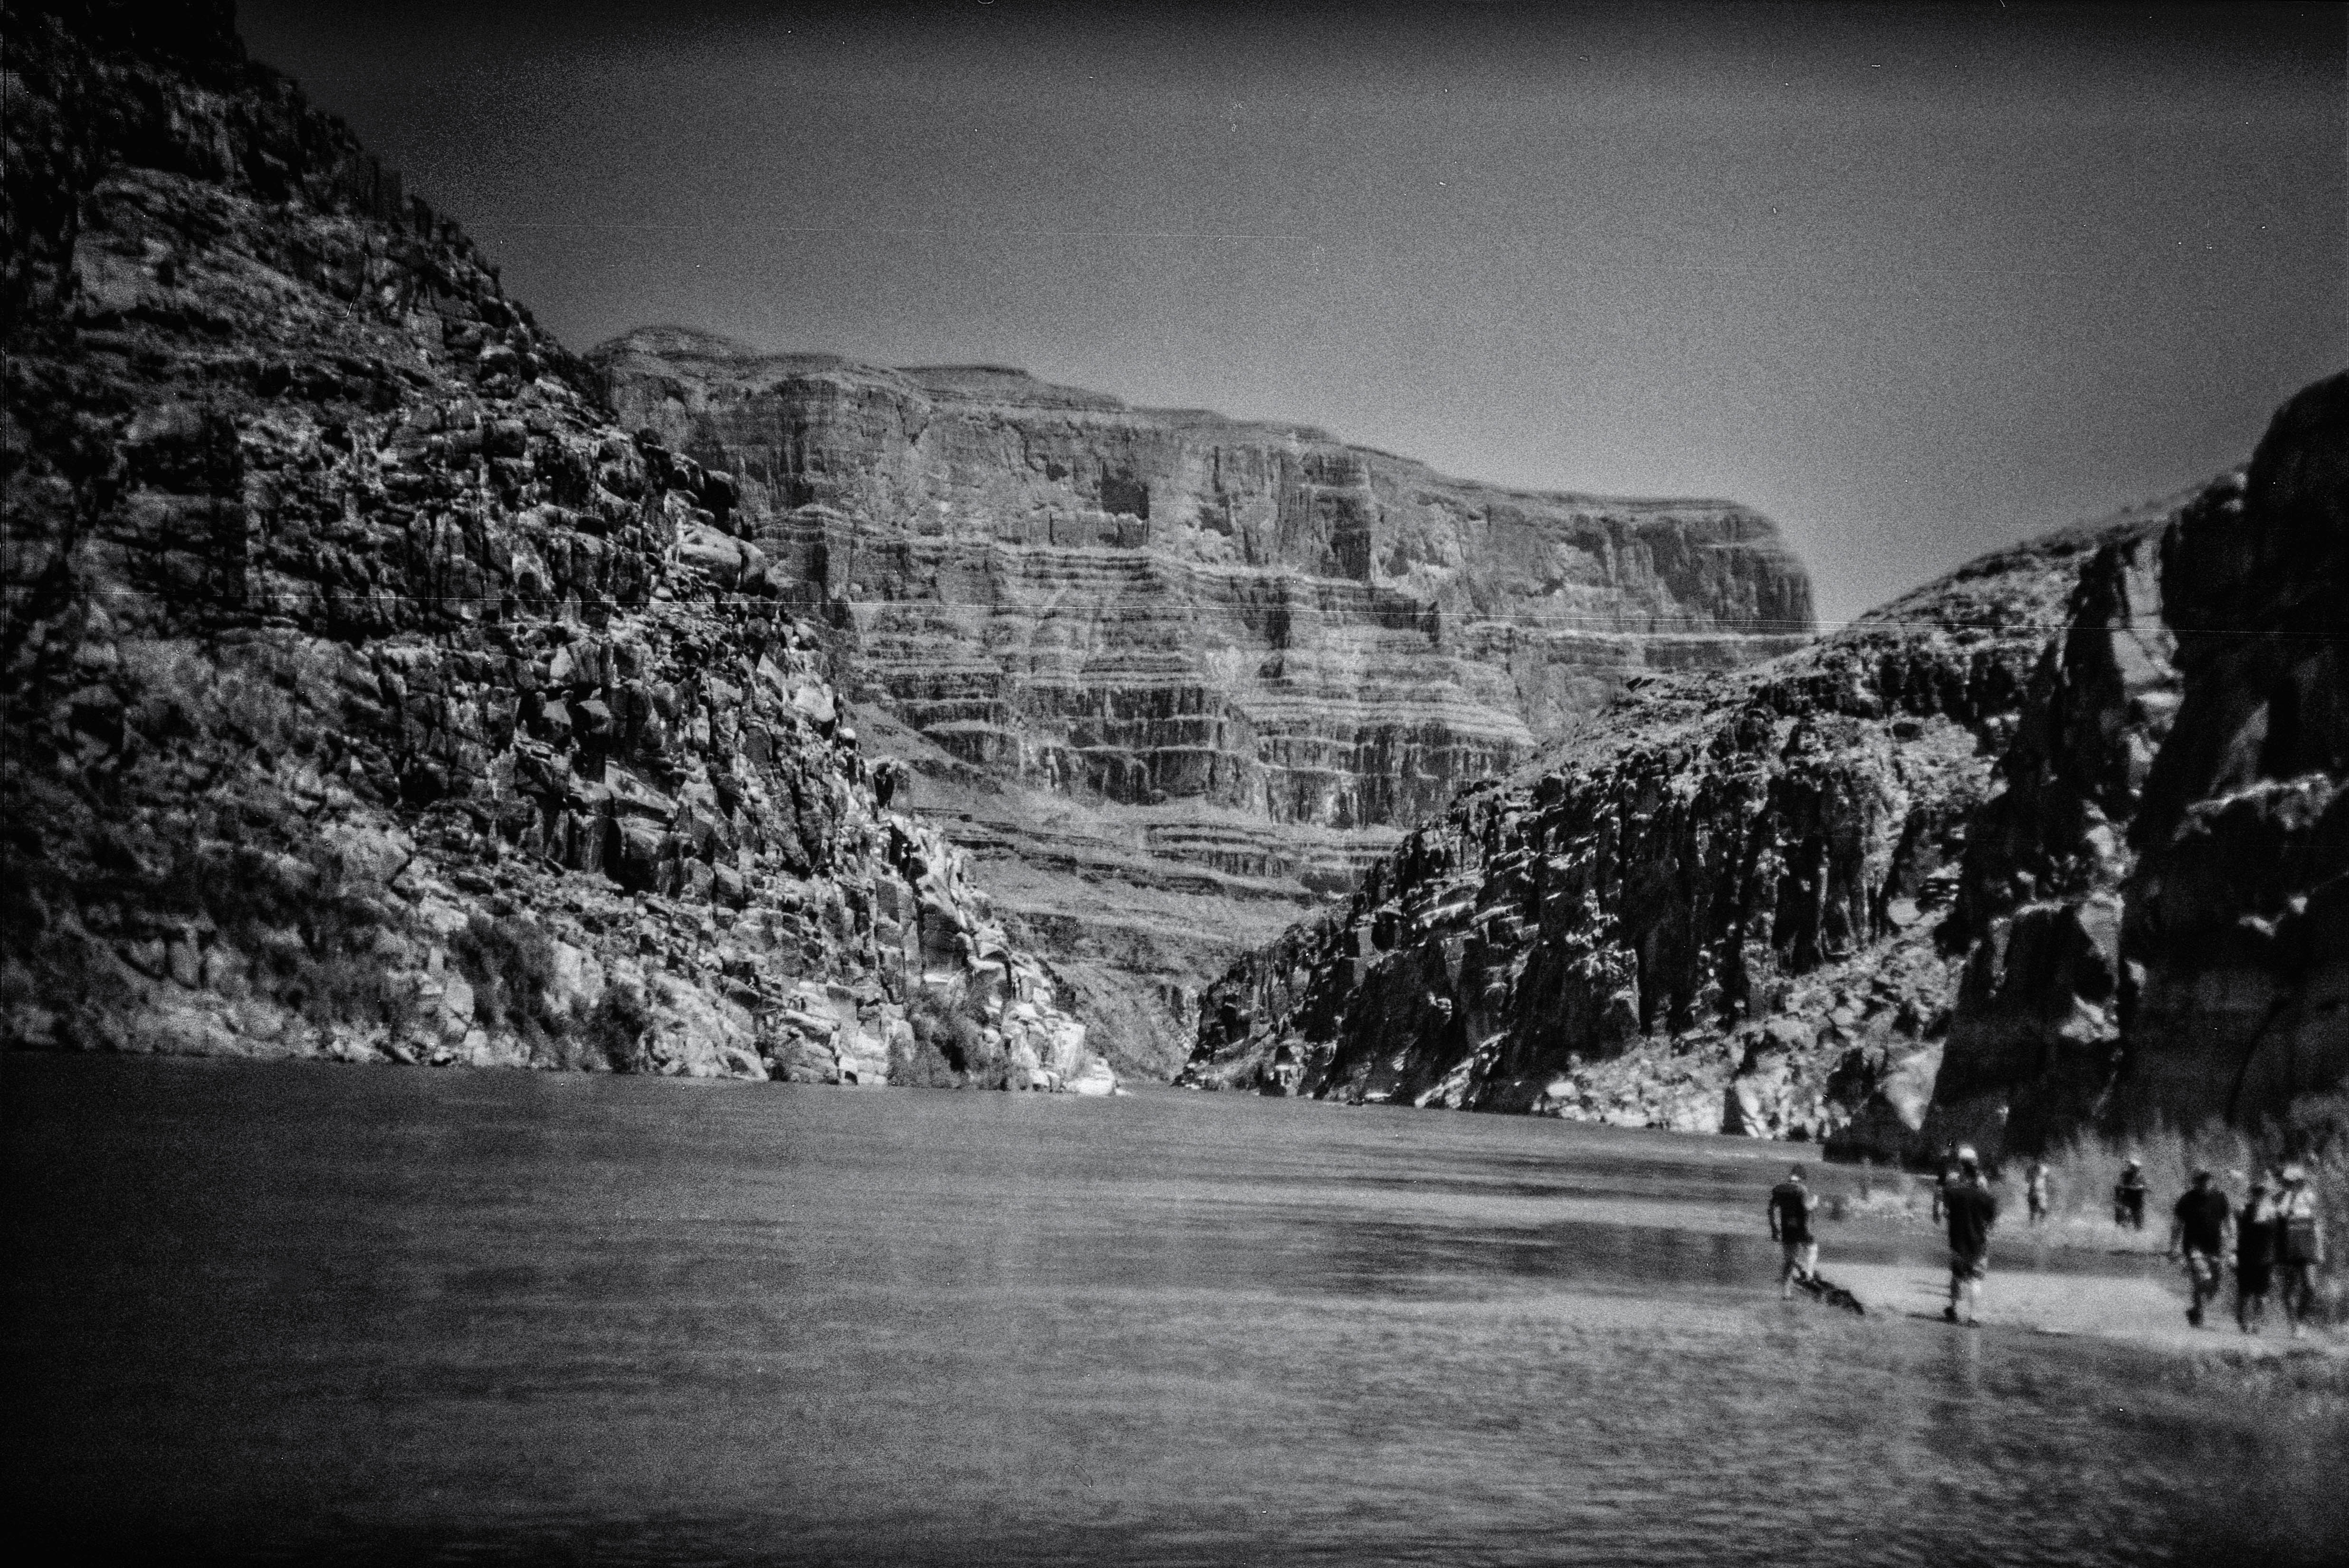 Holga Vision of the Grand Canyon